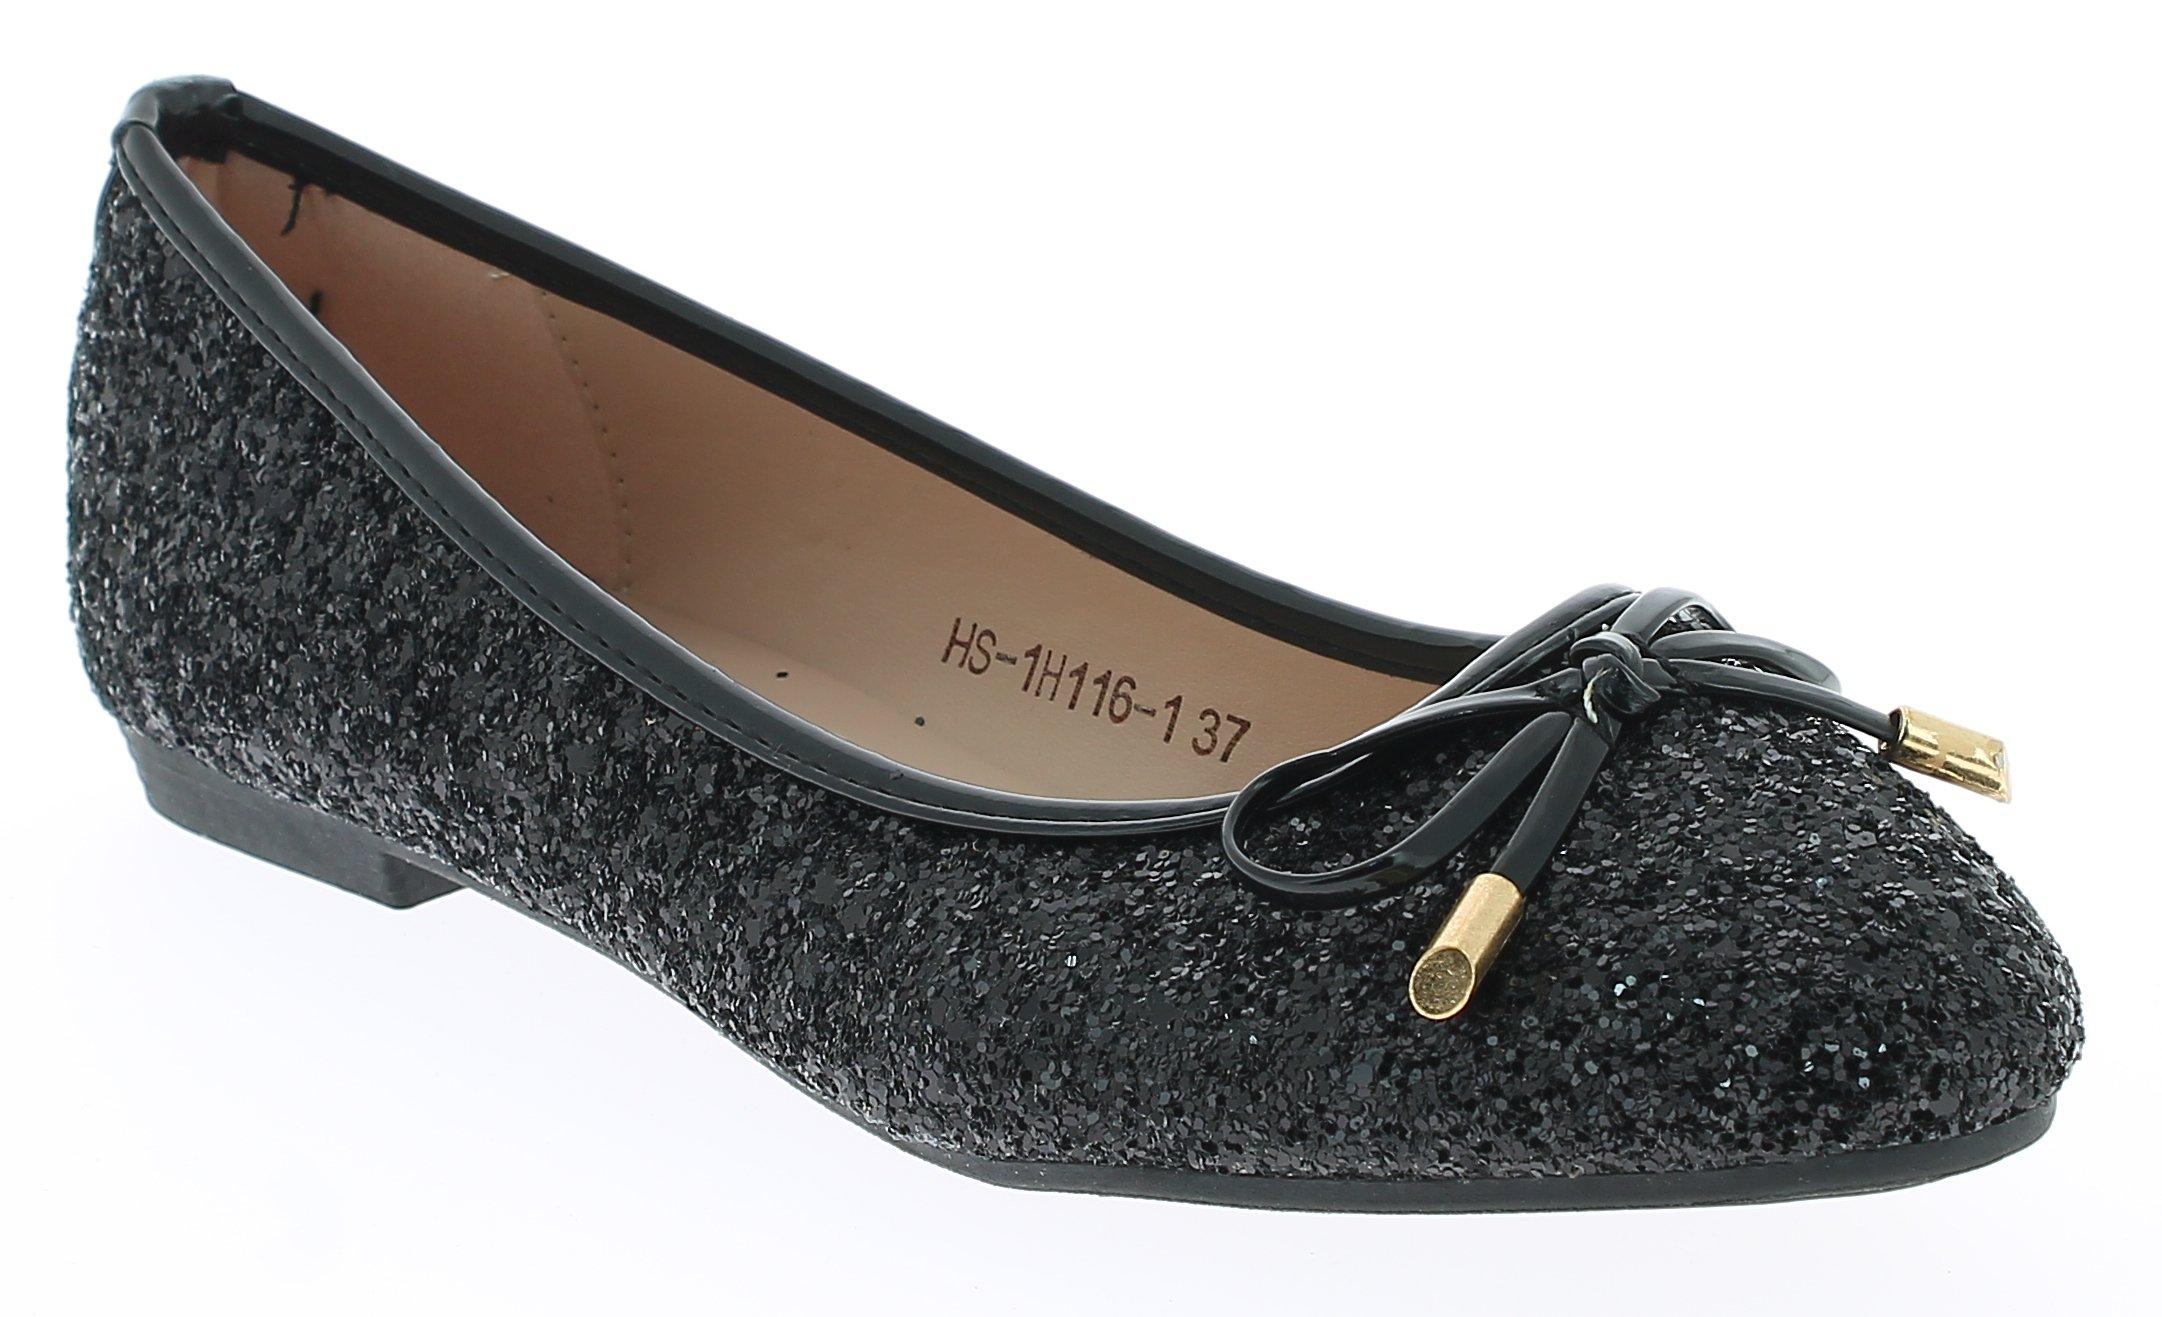 Γυναικείες Μπαλαρίνες HS1H1161 Μαύρο - IqShoes - HS-1H116-1 BLACK-37/1/15/27 προϊόντα παπούτσια